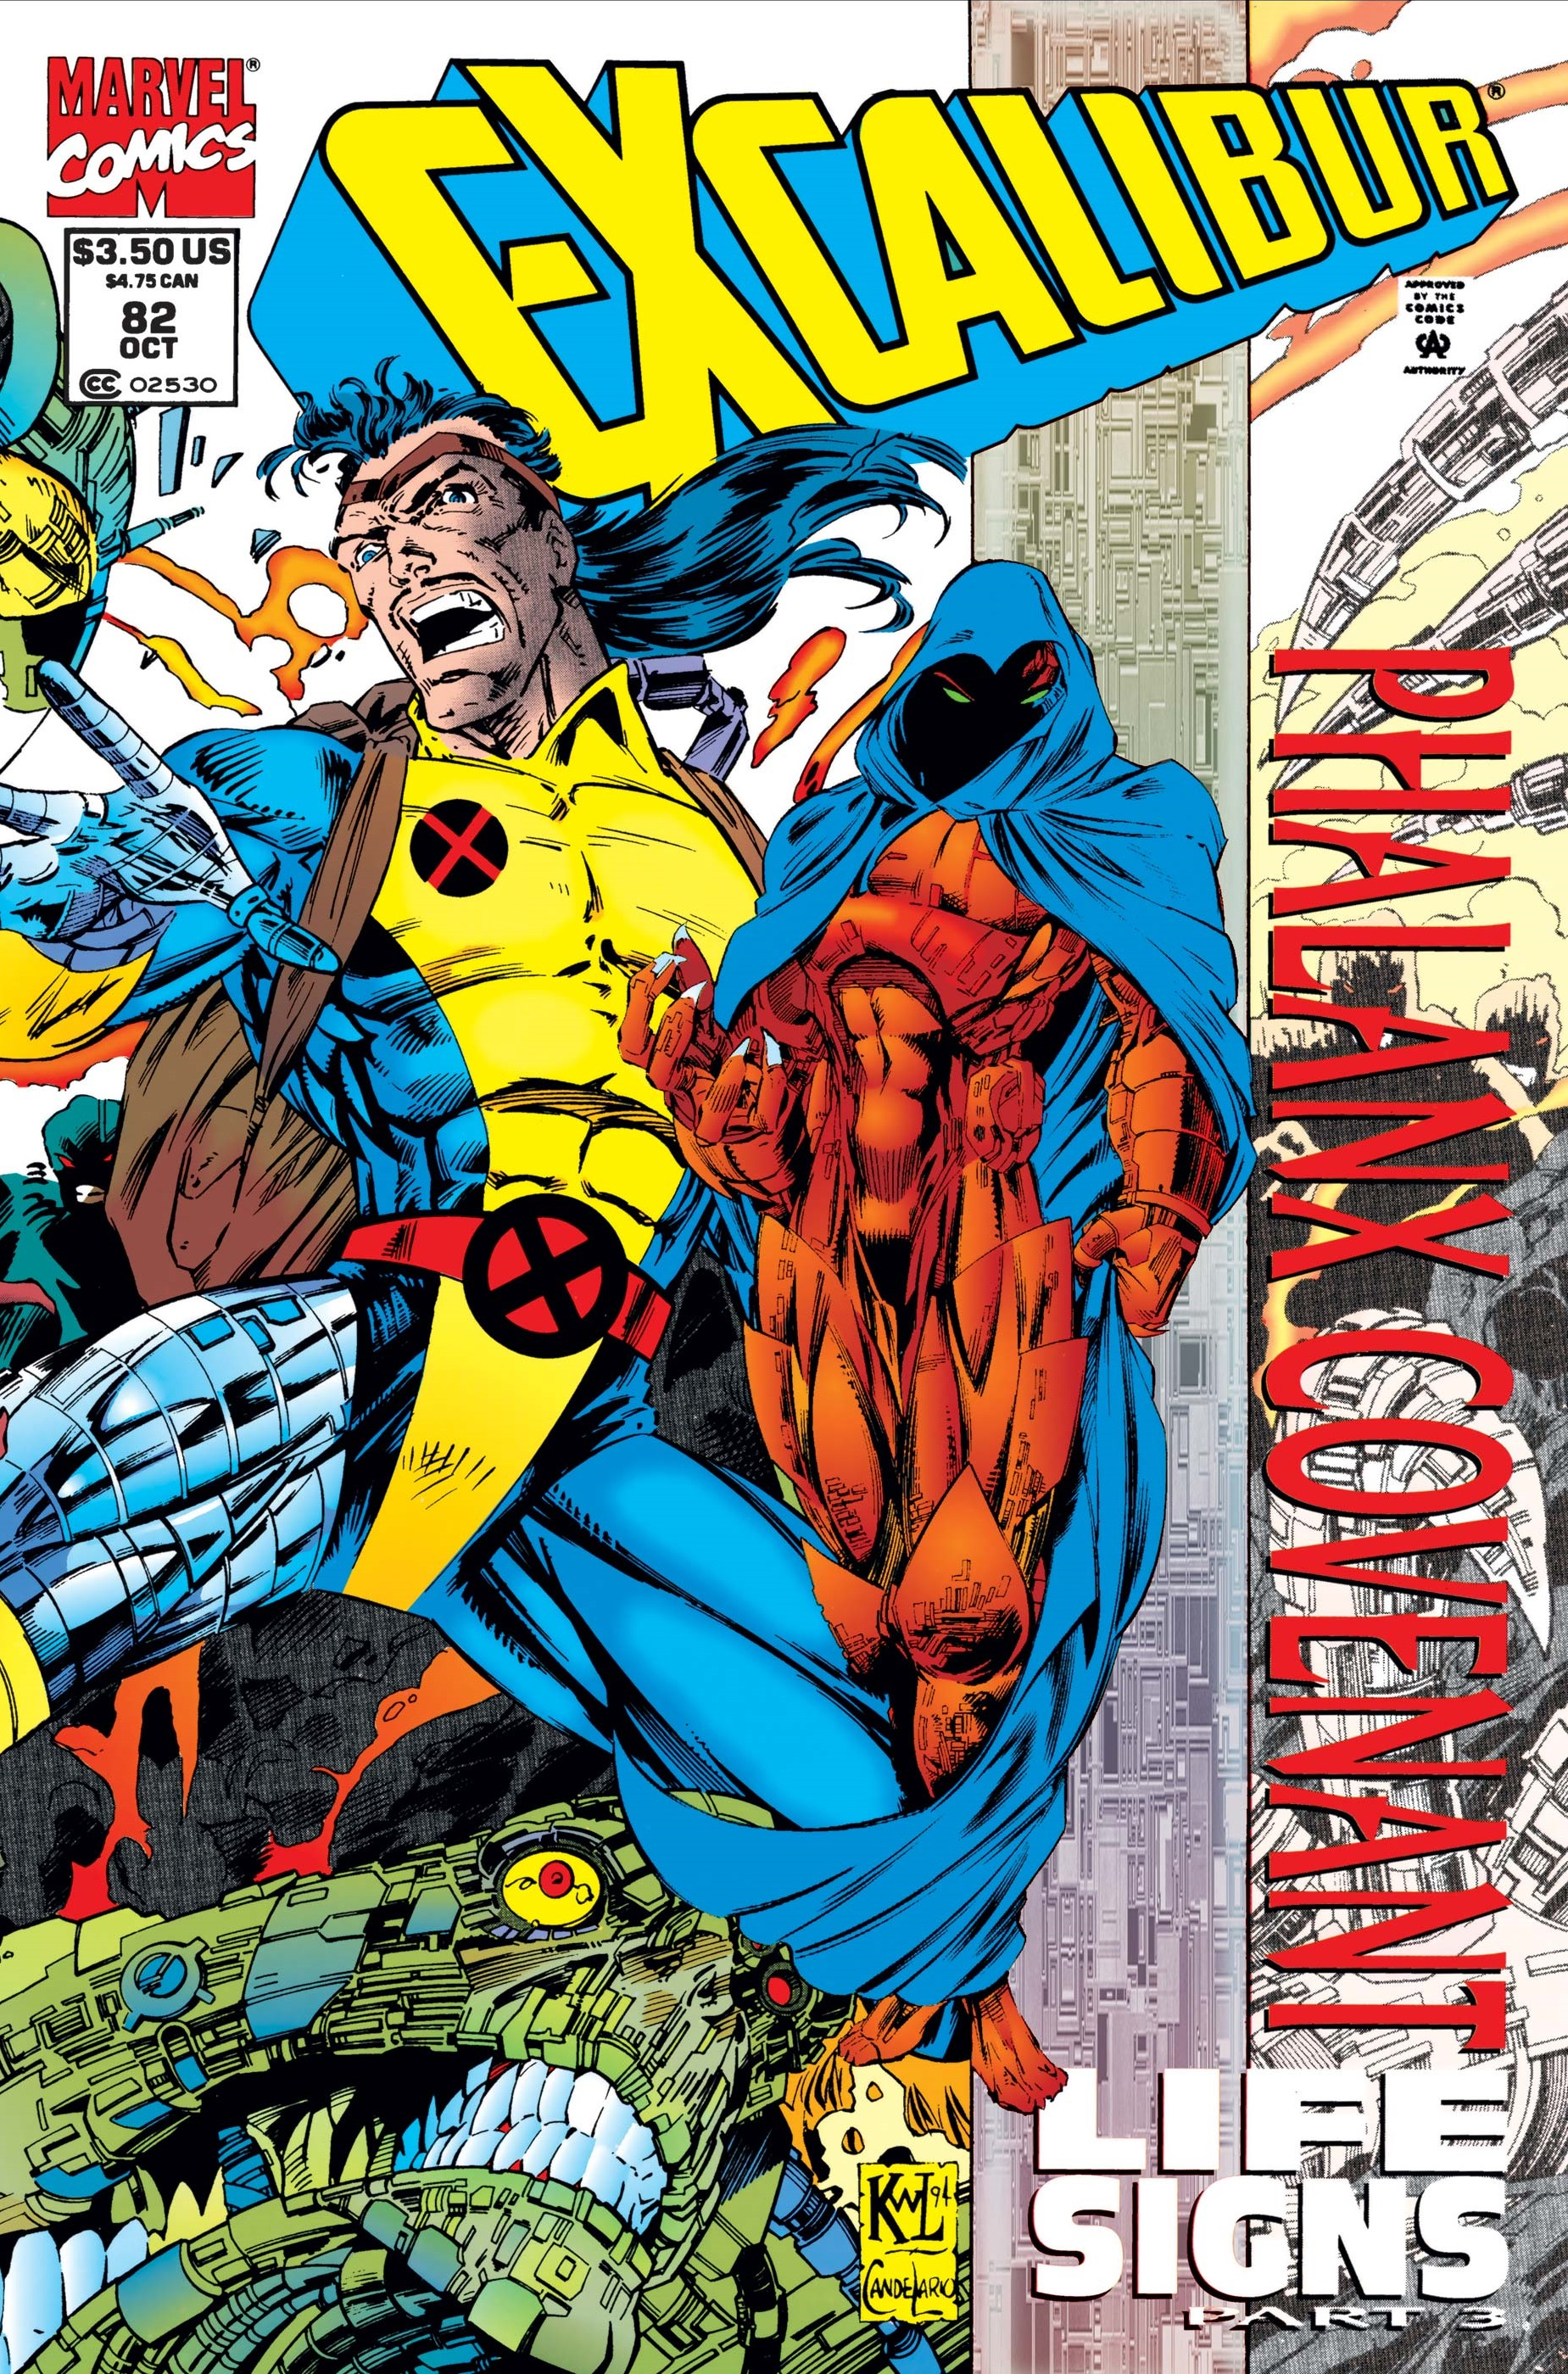 Excalibur (1988) #82